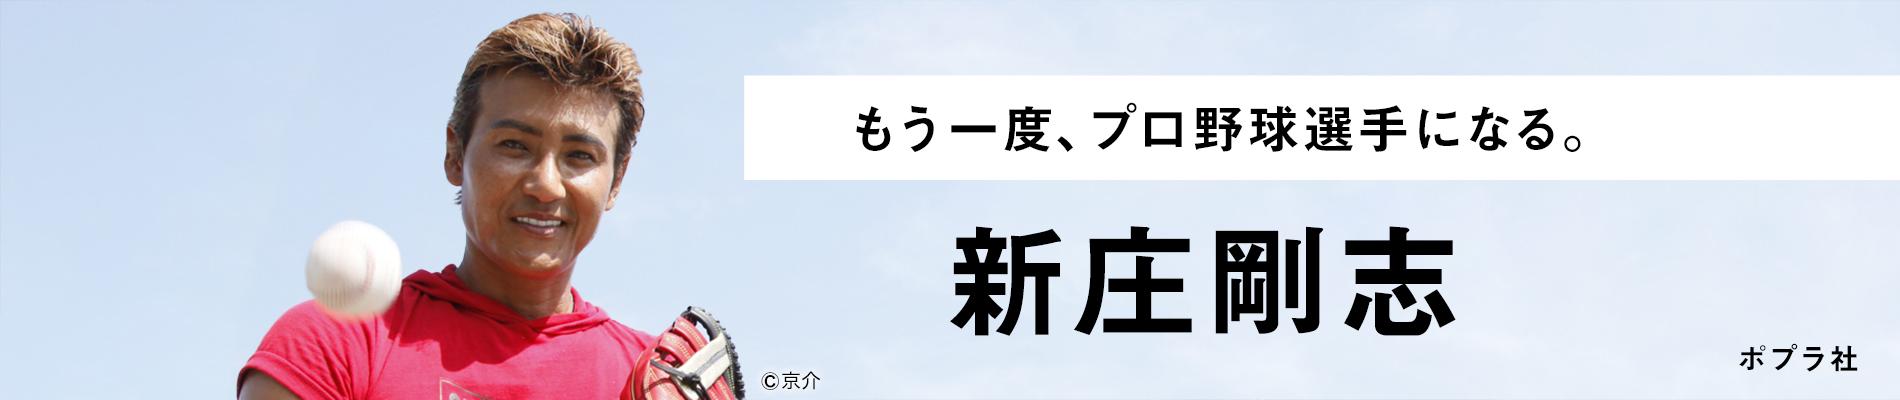 新庄剛志  もう一度、プロ野球選手になる。